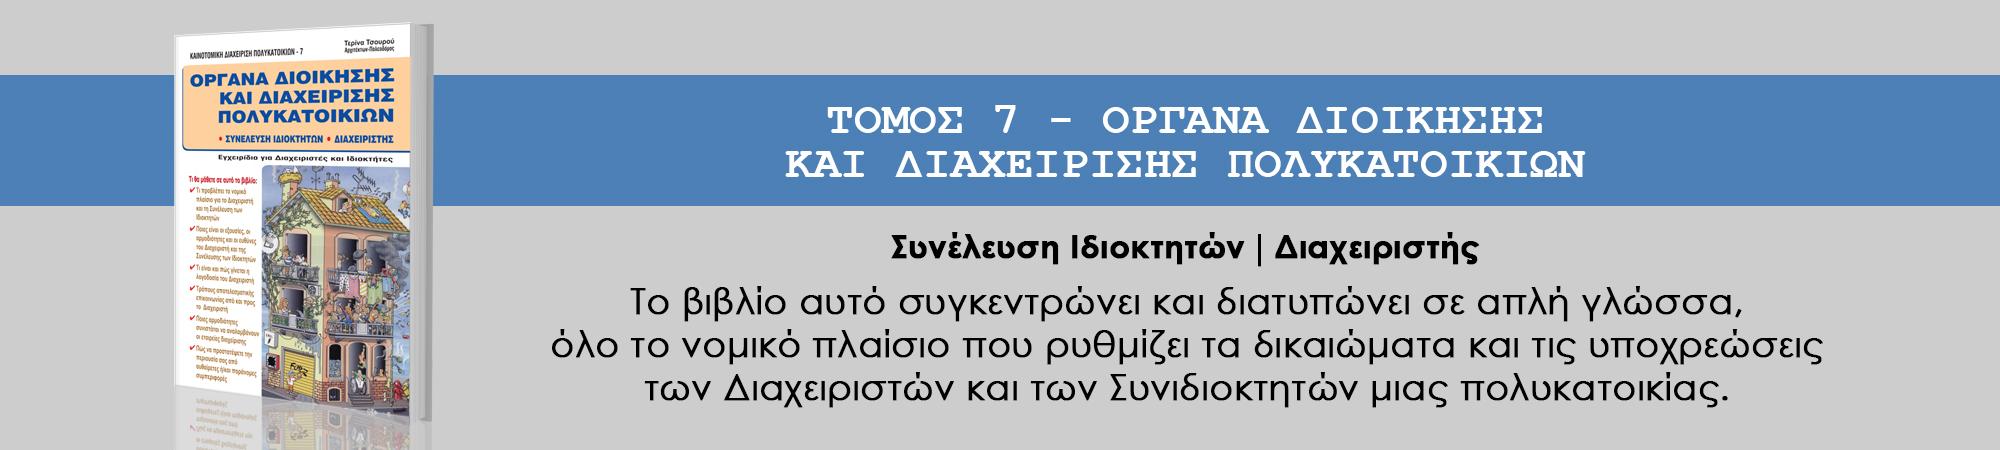 ΟΡΓΑΝΑ ΔΙΟΙΚ-τομος 7